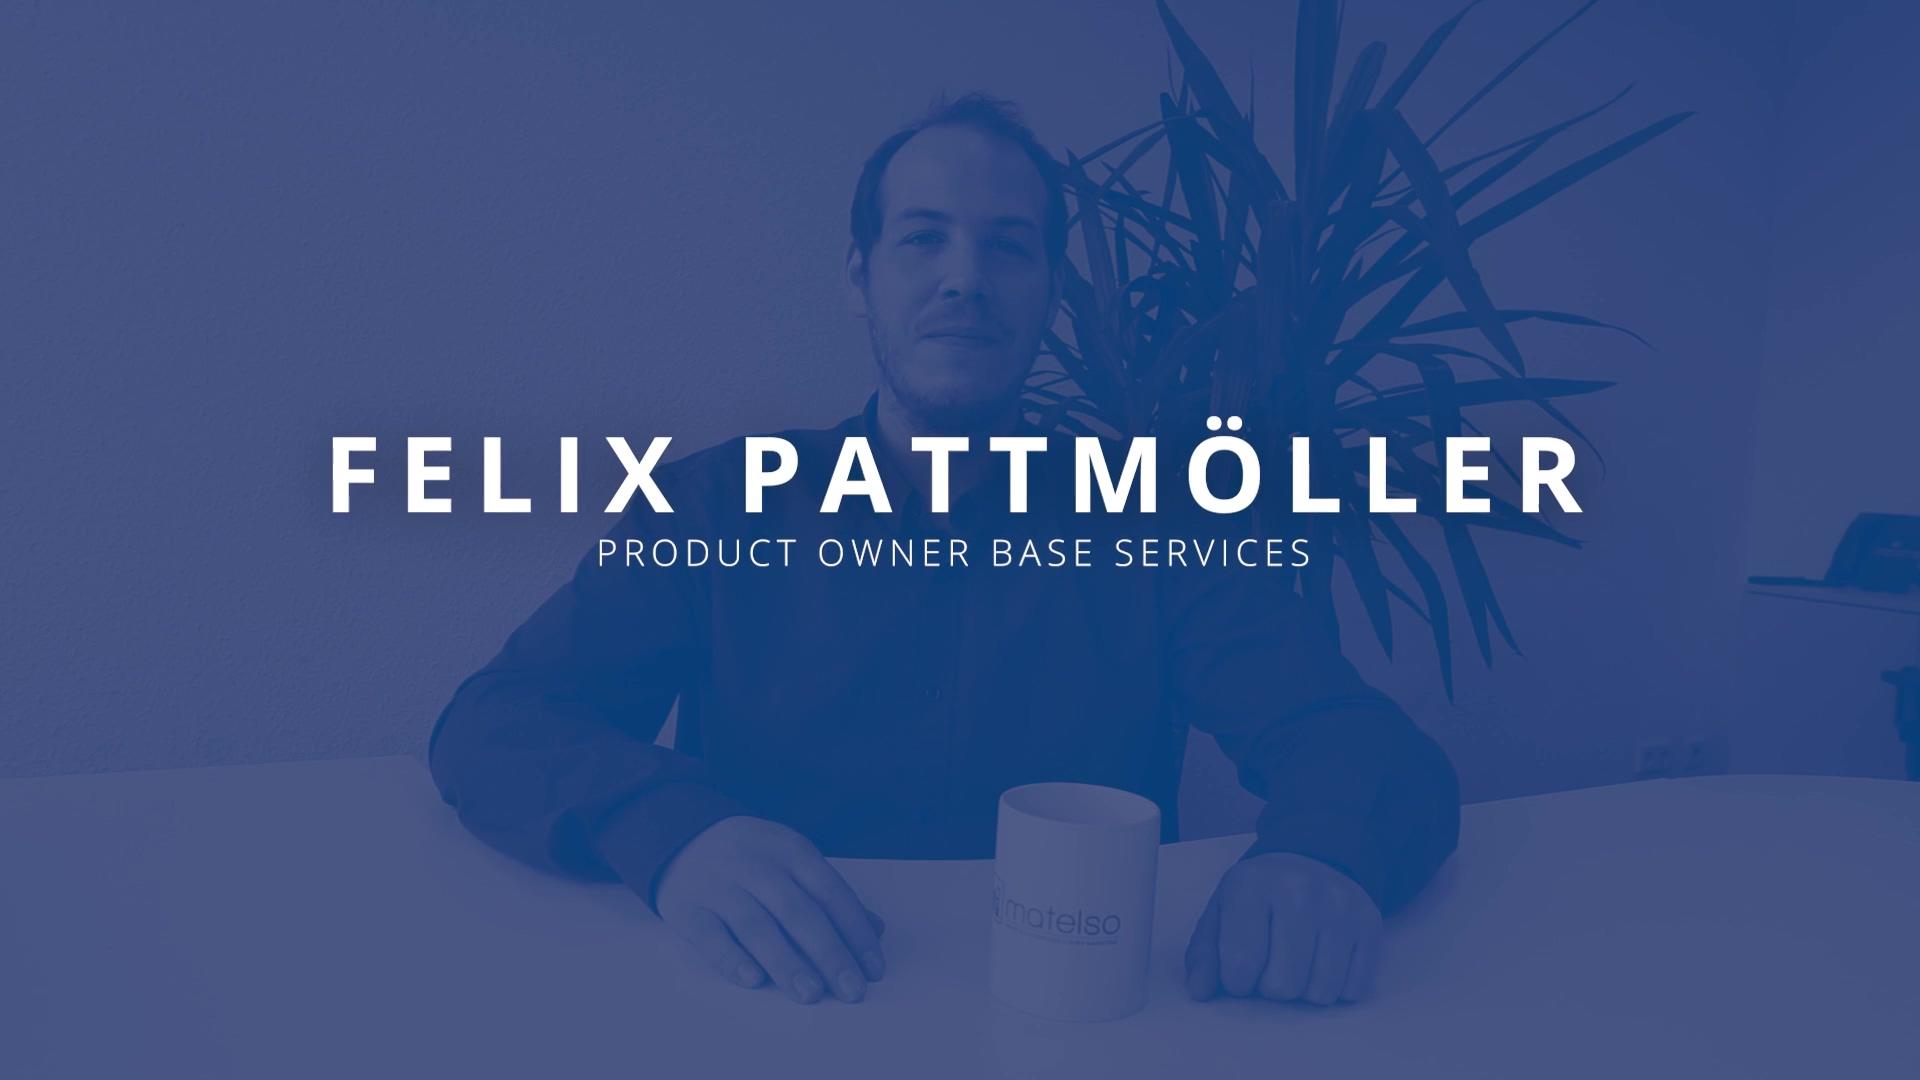 Mitarbeiterinterview_FelixPattmöller